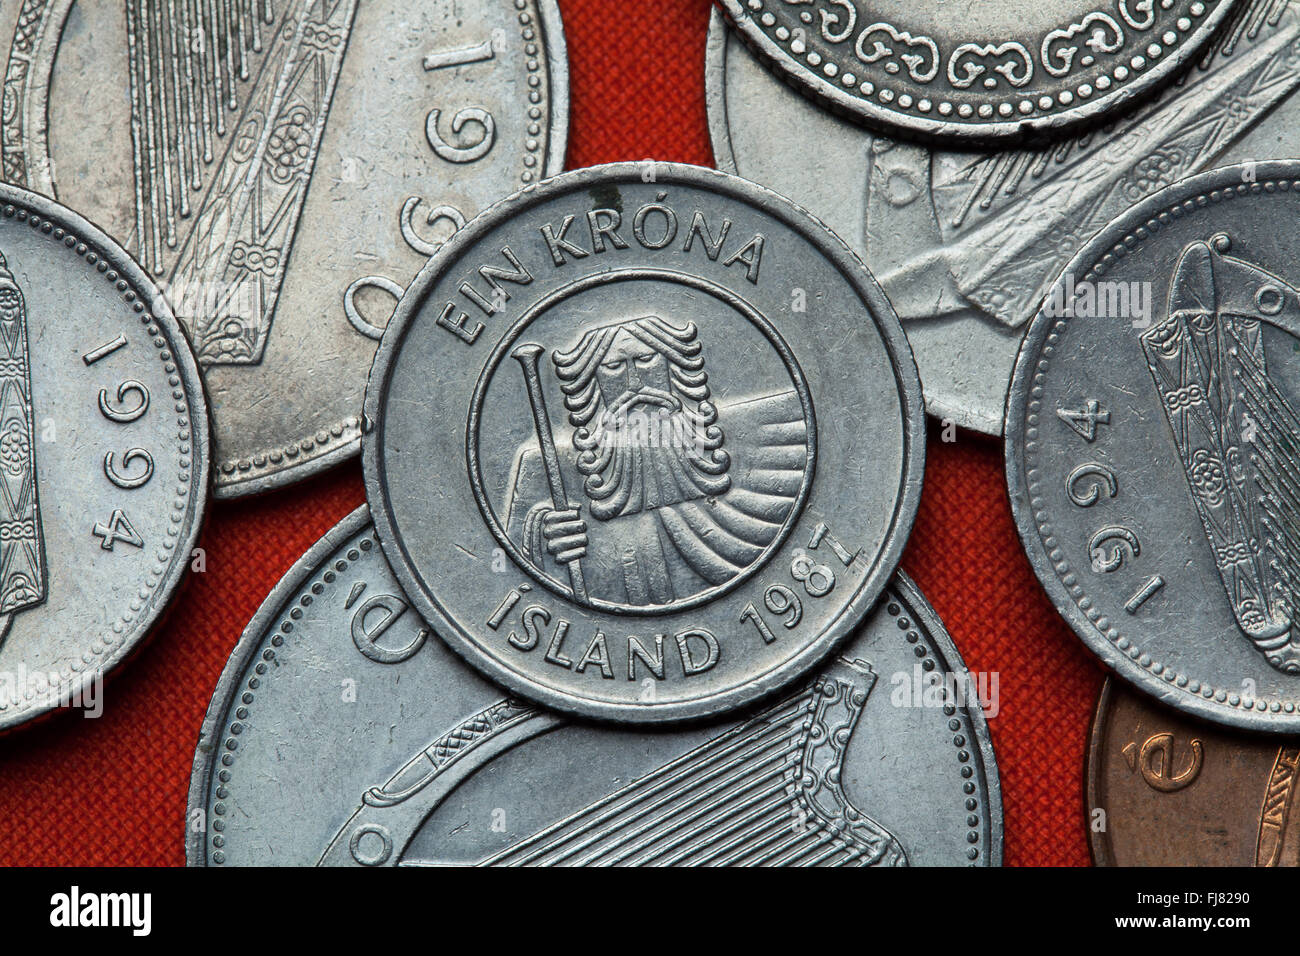 Münzen Von Island Mountainbike Giant Landvaettir Dargestellt In Der